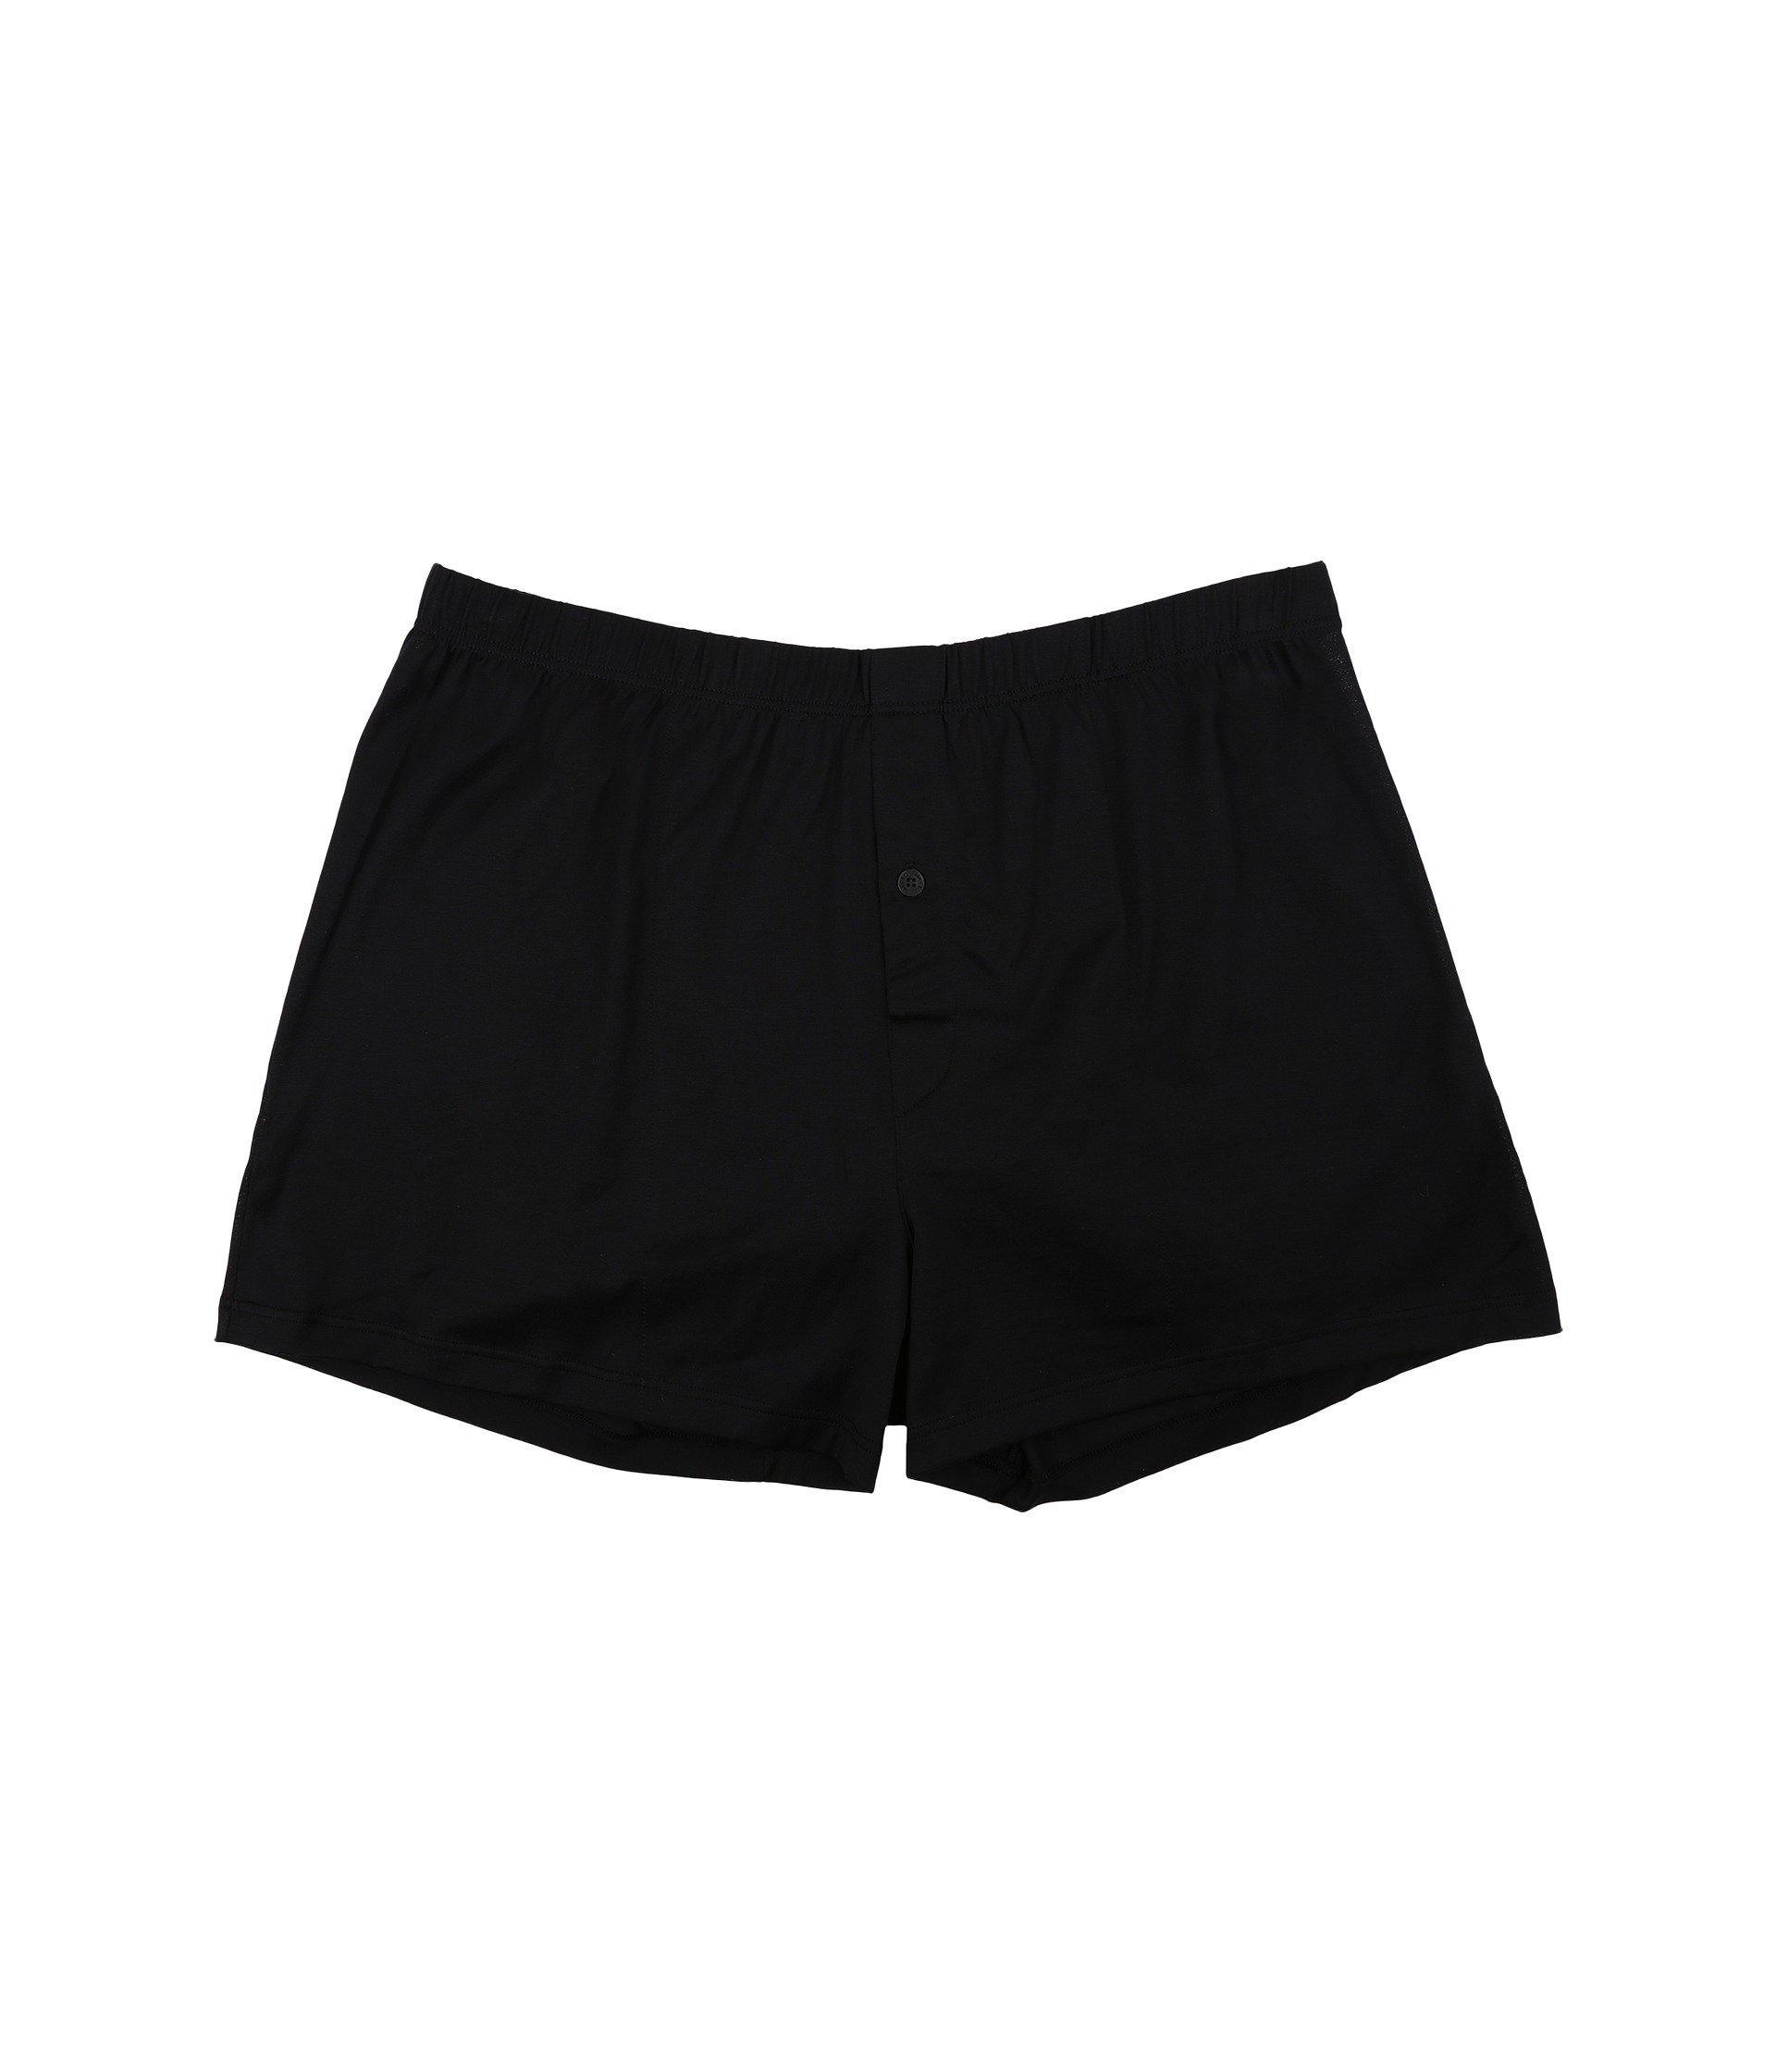 f1aa3c7ea92aa Hanro. Black Cotton Sporty Knit Boxer (midnight Navy) Men s Underwear